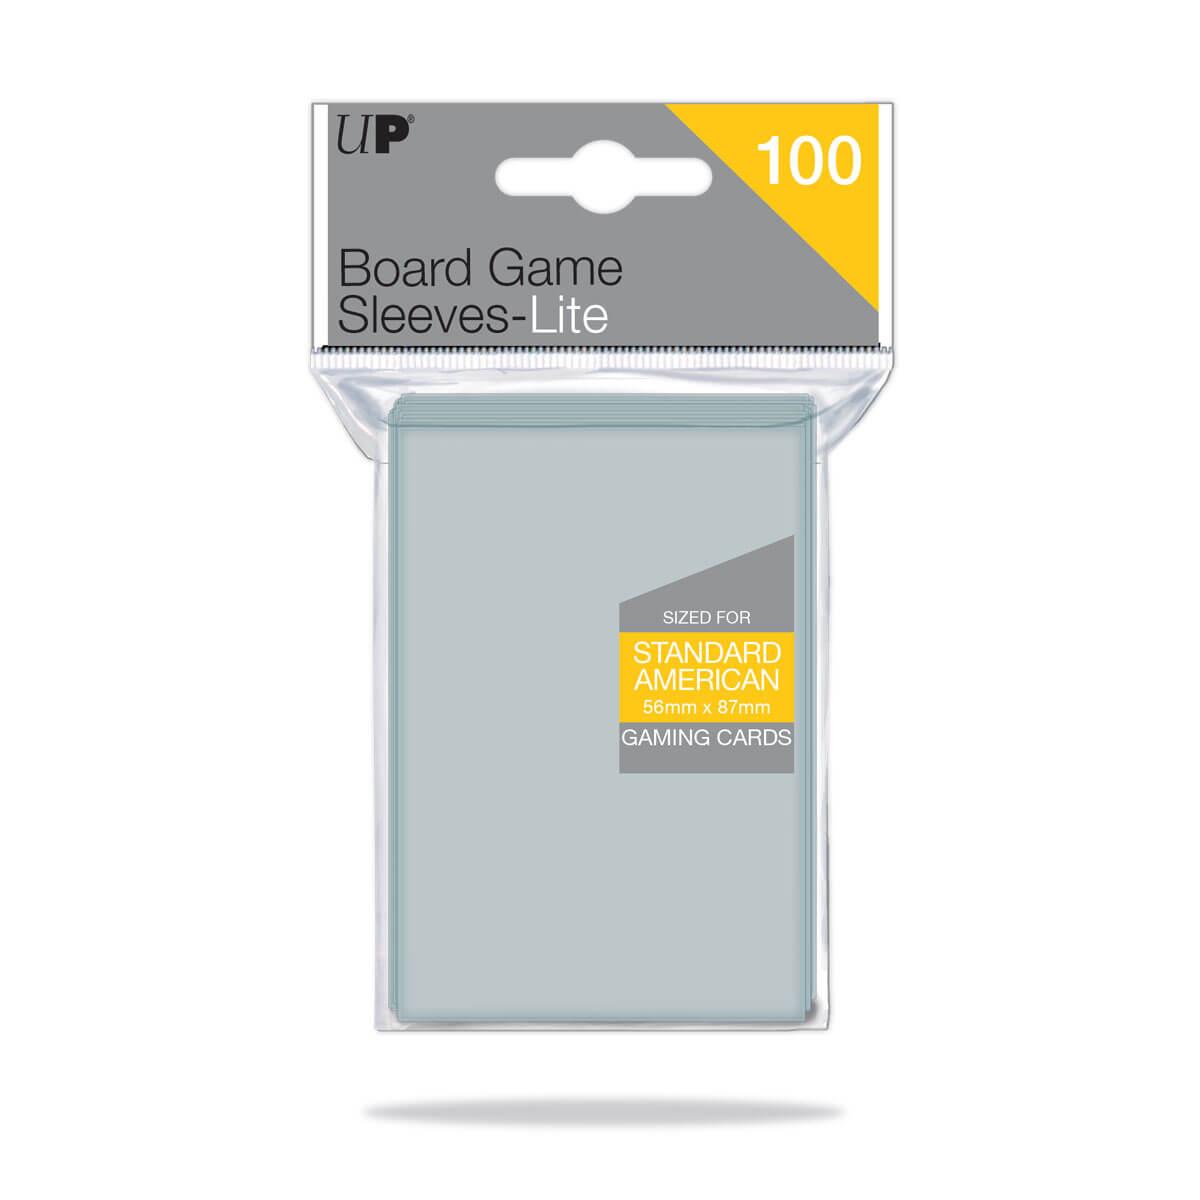 Lite Standard American Board Game Sleeves 56mm x 87mm 100ct